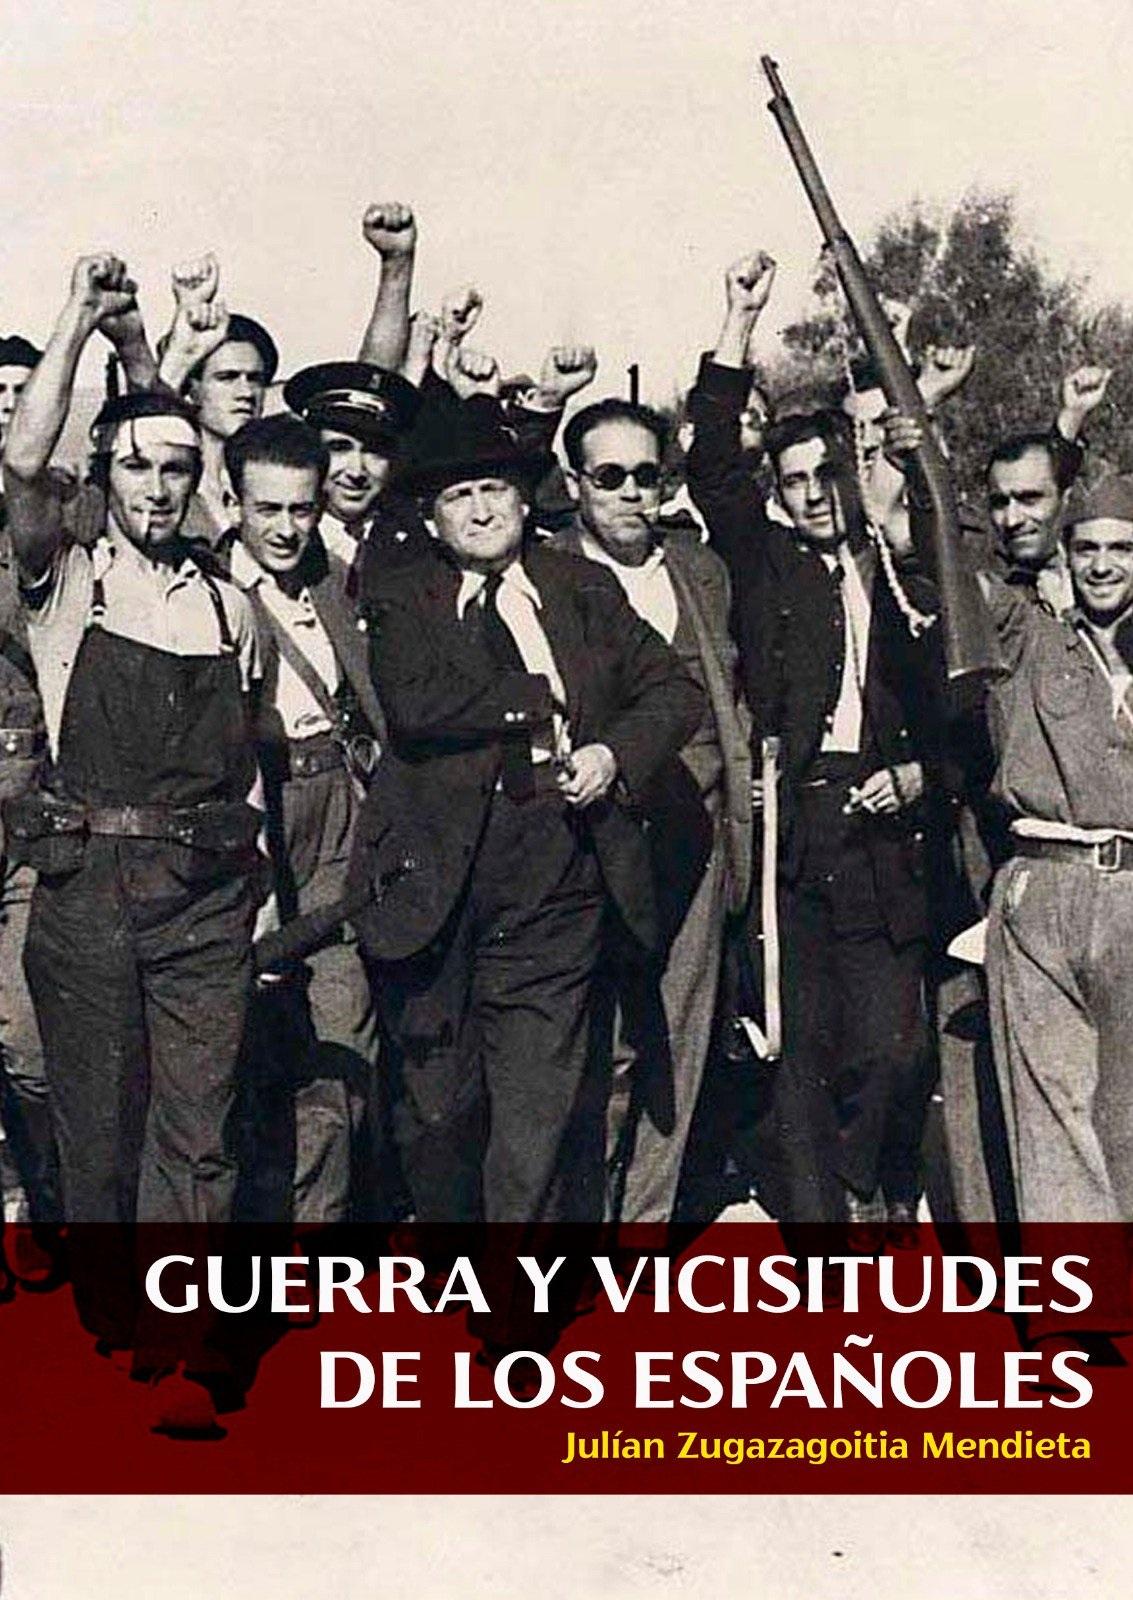 Guerra y Visicitudes de los españoles